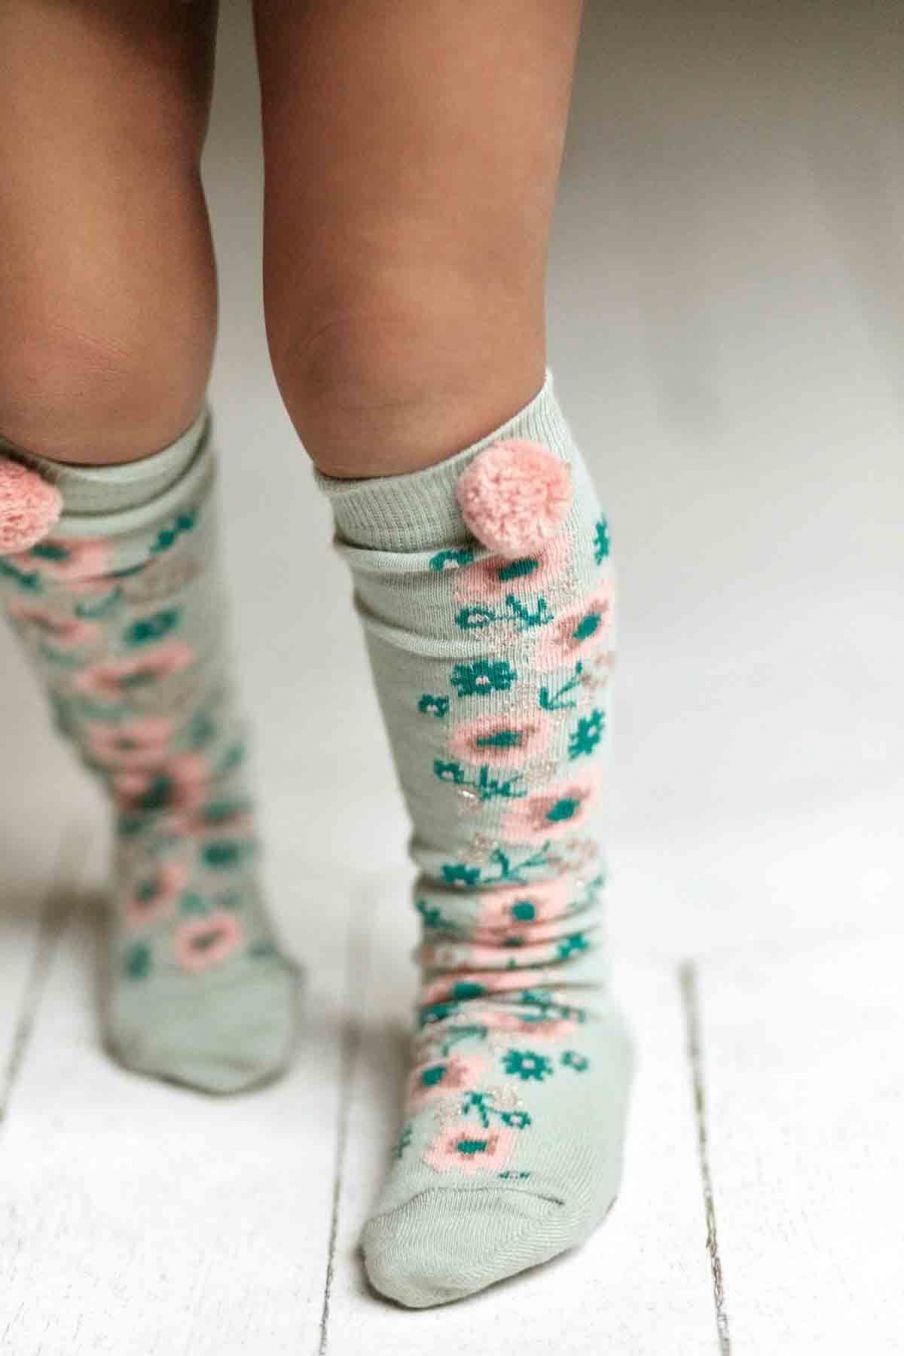 chaussettes bebe fille chelie sauge - louise misha